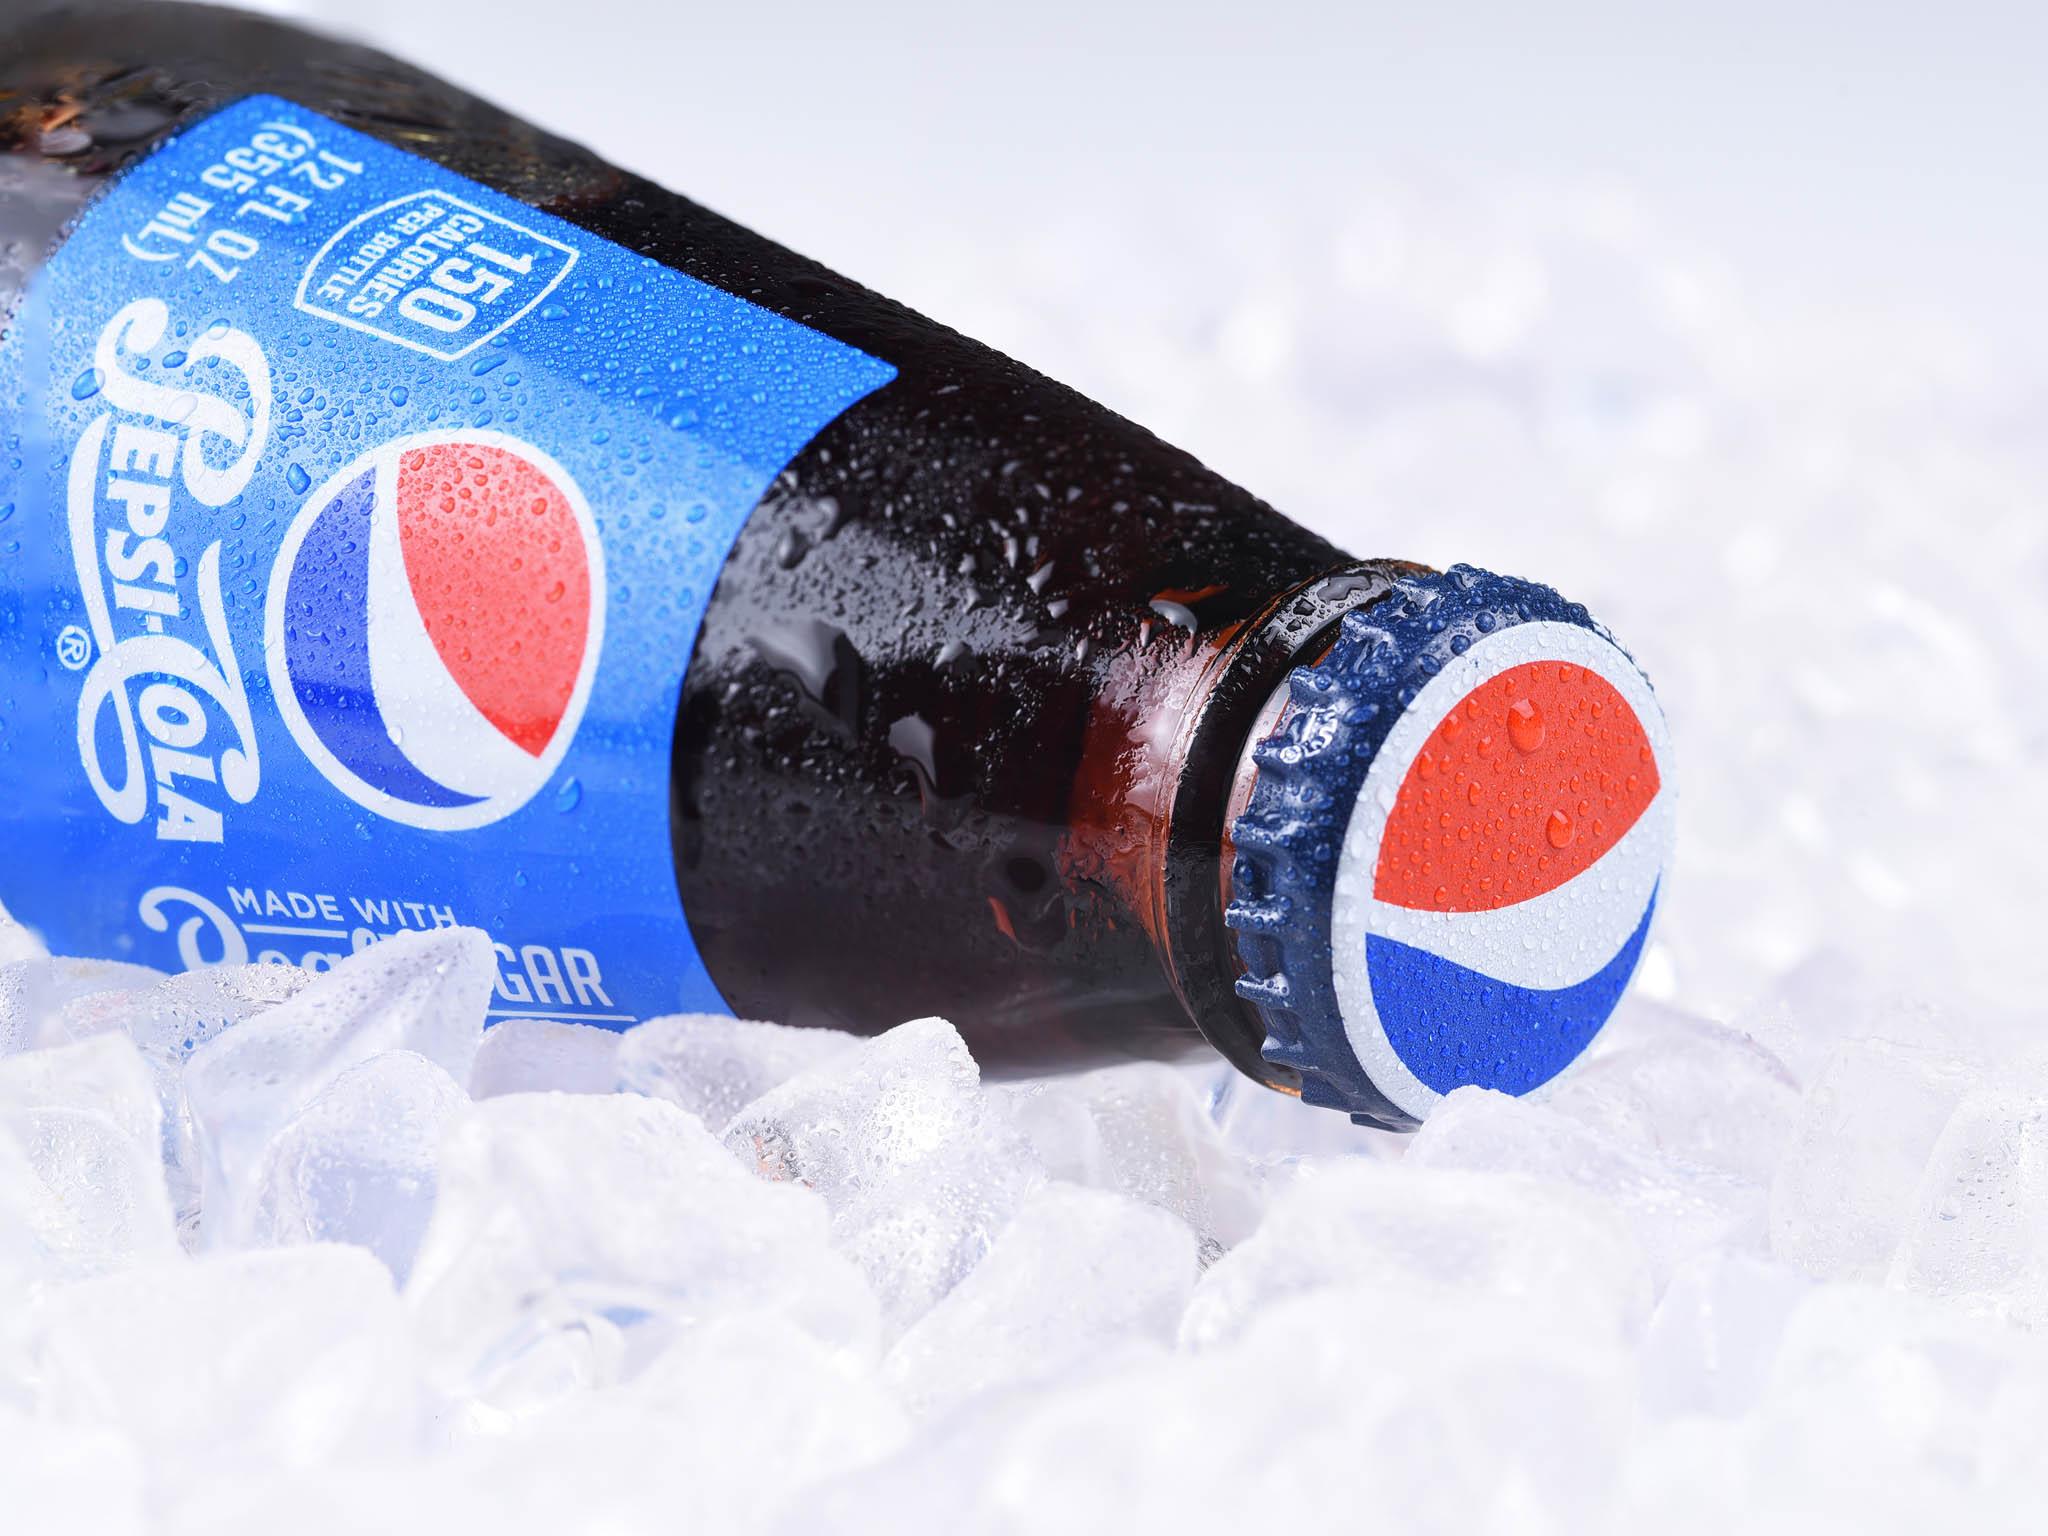 Pepsi, Mirinda, 7Up, ale také chipsy Lay'saDoritos nebo křupky Cheetos. To vše vyrábí společnost PepsiCo. První říjnový den sedozvíme, jak dobře (nebo špatně) sevšechny tyhle pochoutky prodávaly vetřetím čtvrtl...